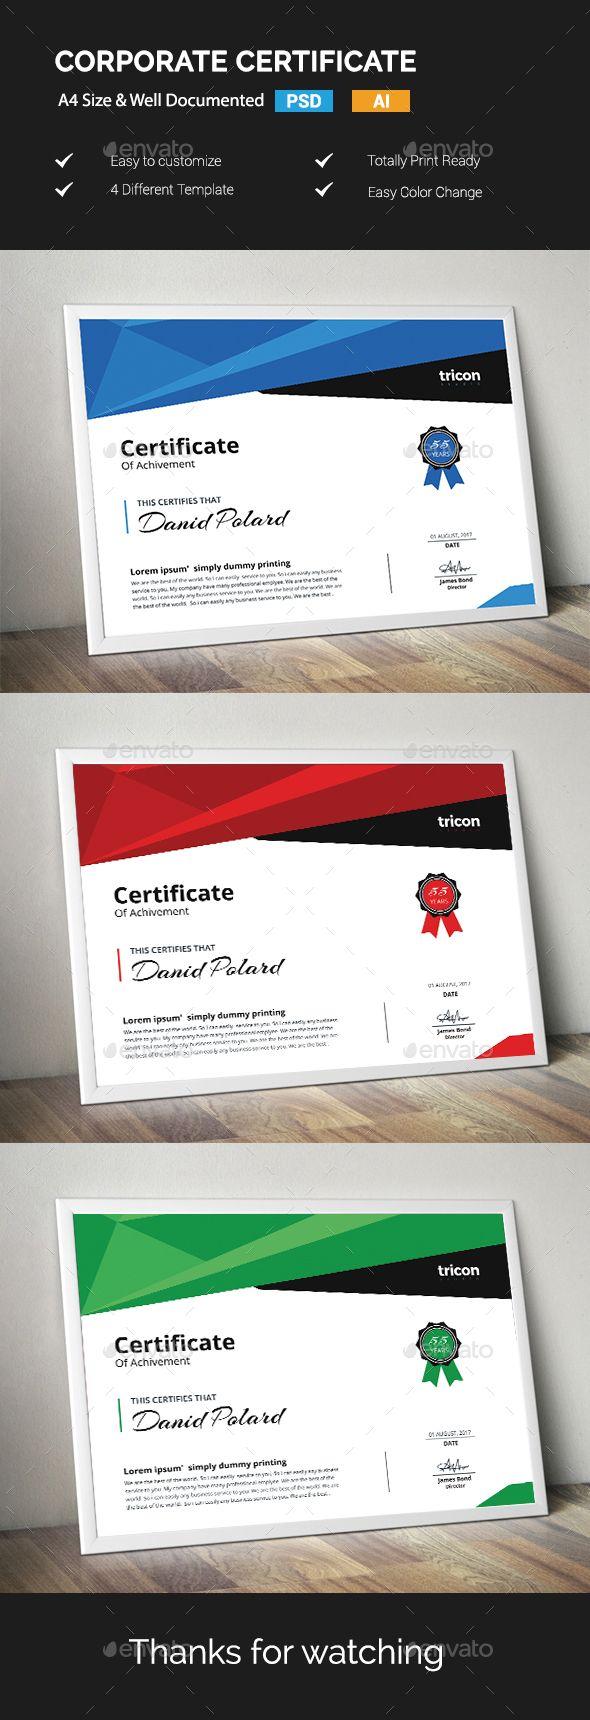 8 besten certificate designs Bilder auf Pinterest ...